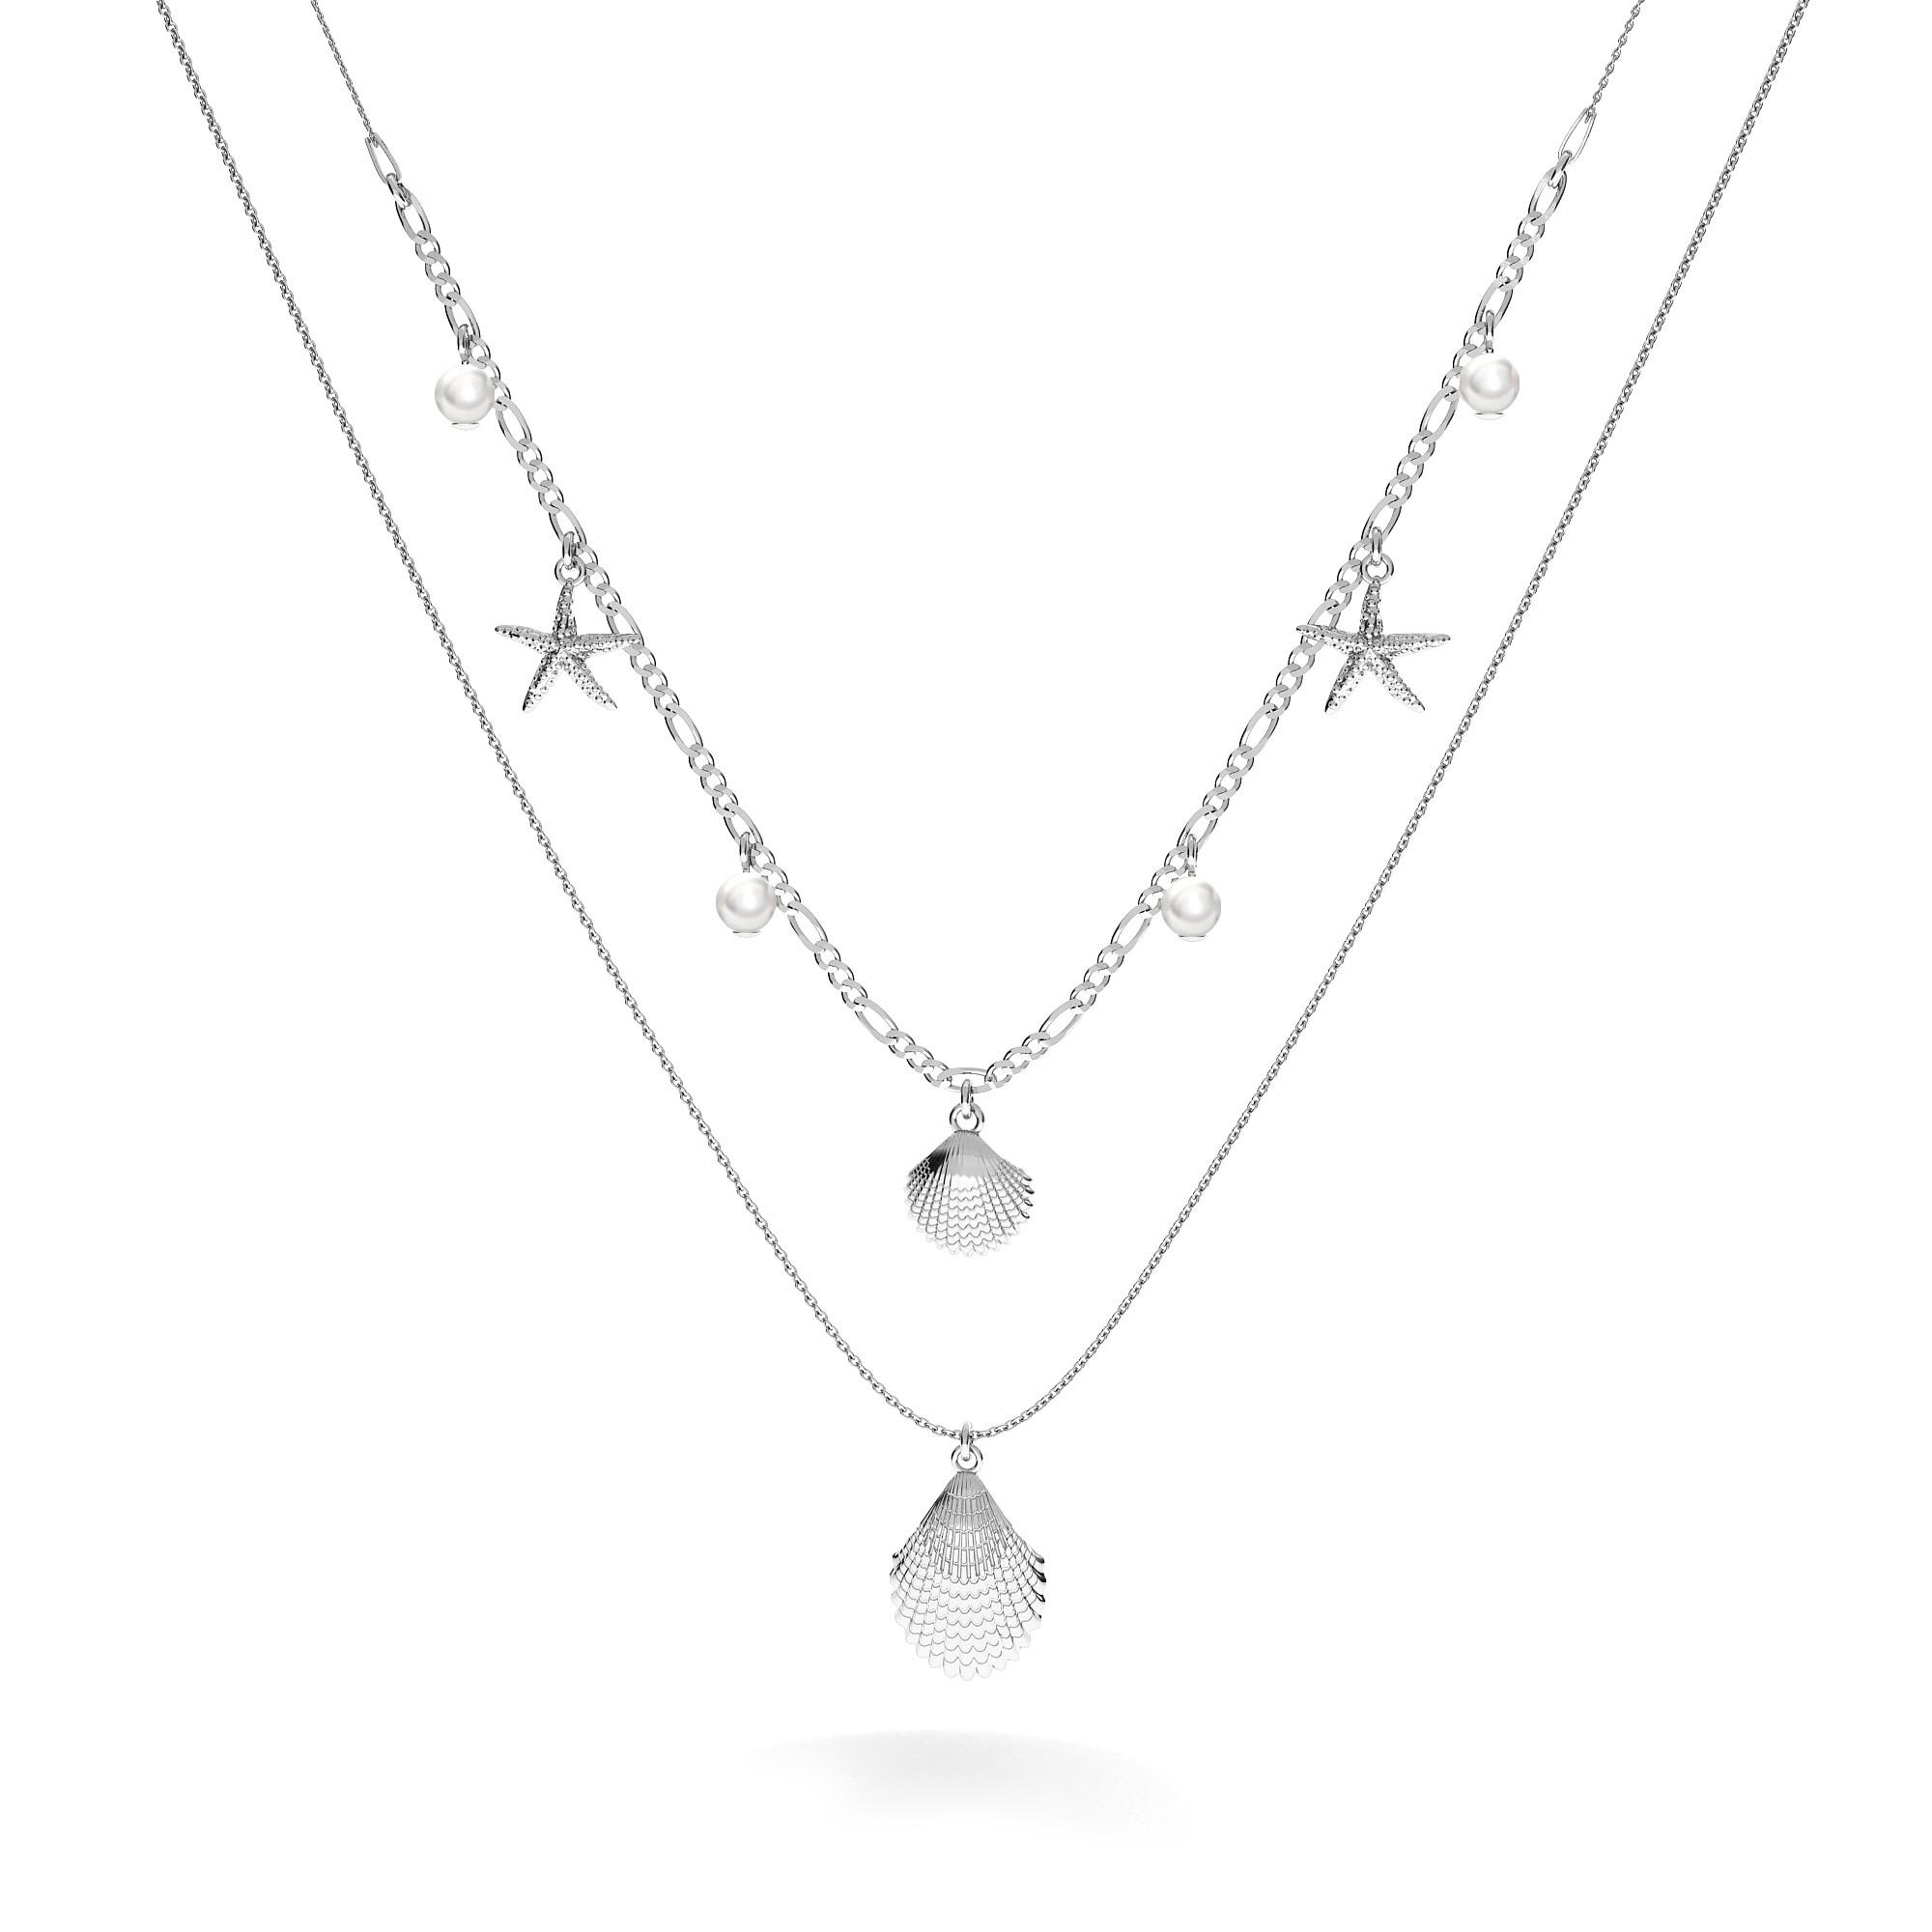 Srebrny naszyjnik muszelki rozgwiazda, MON DÉFI, srebro 925, Swarovski